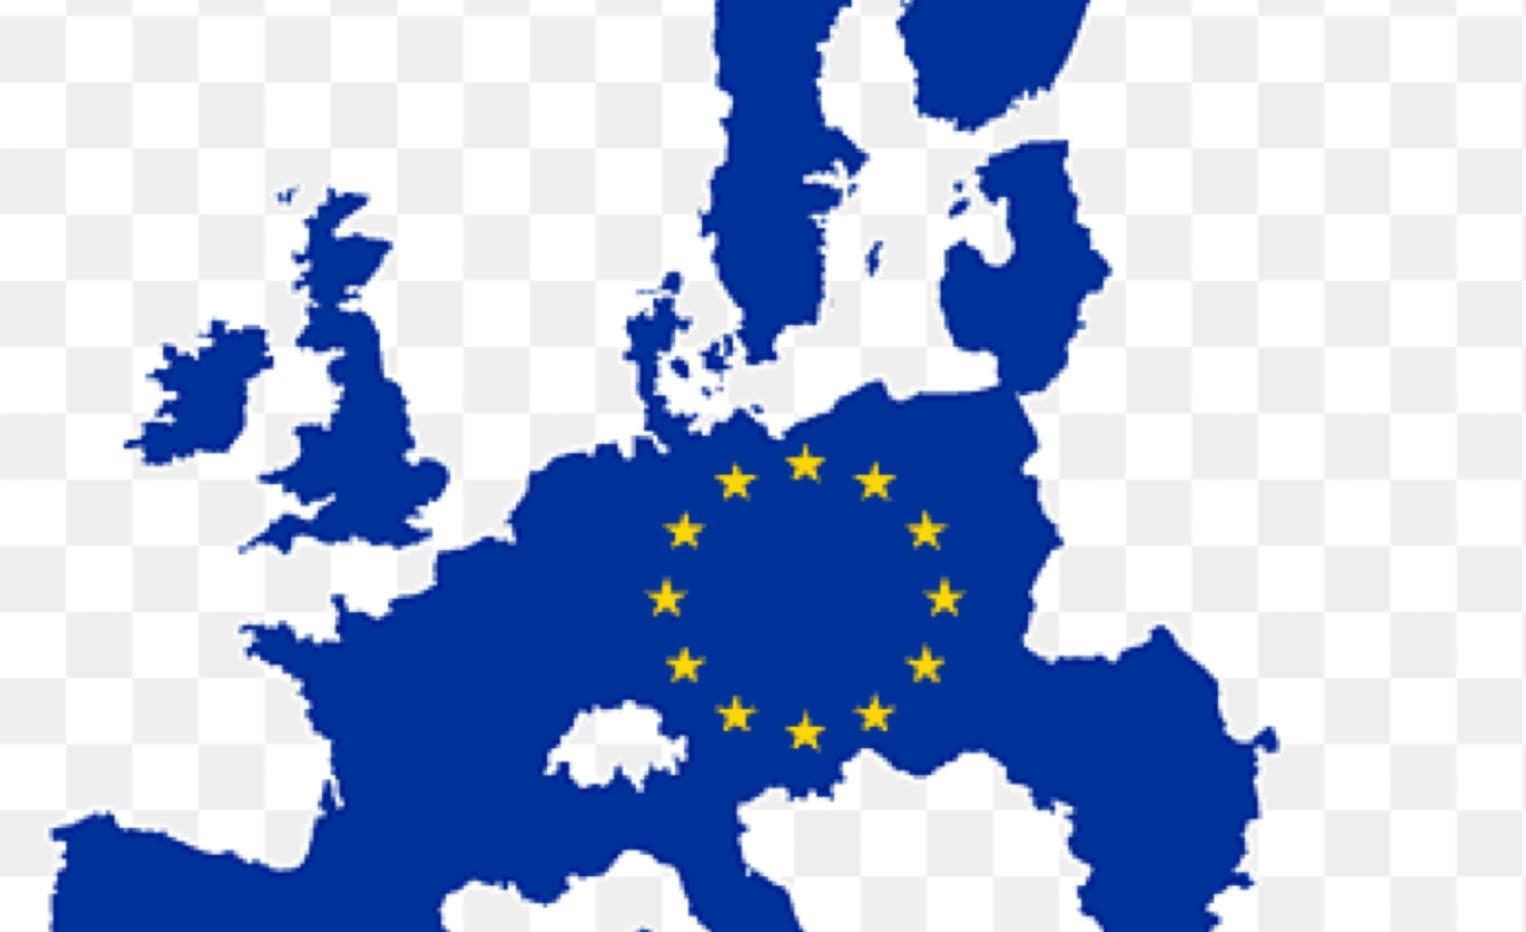 Ministros da UE prometem cooperar com ONU no Afeganistão em meio a temores de migração ilegal